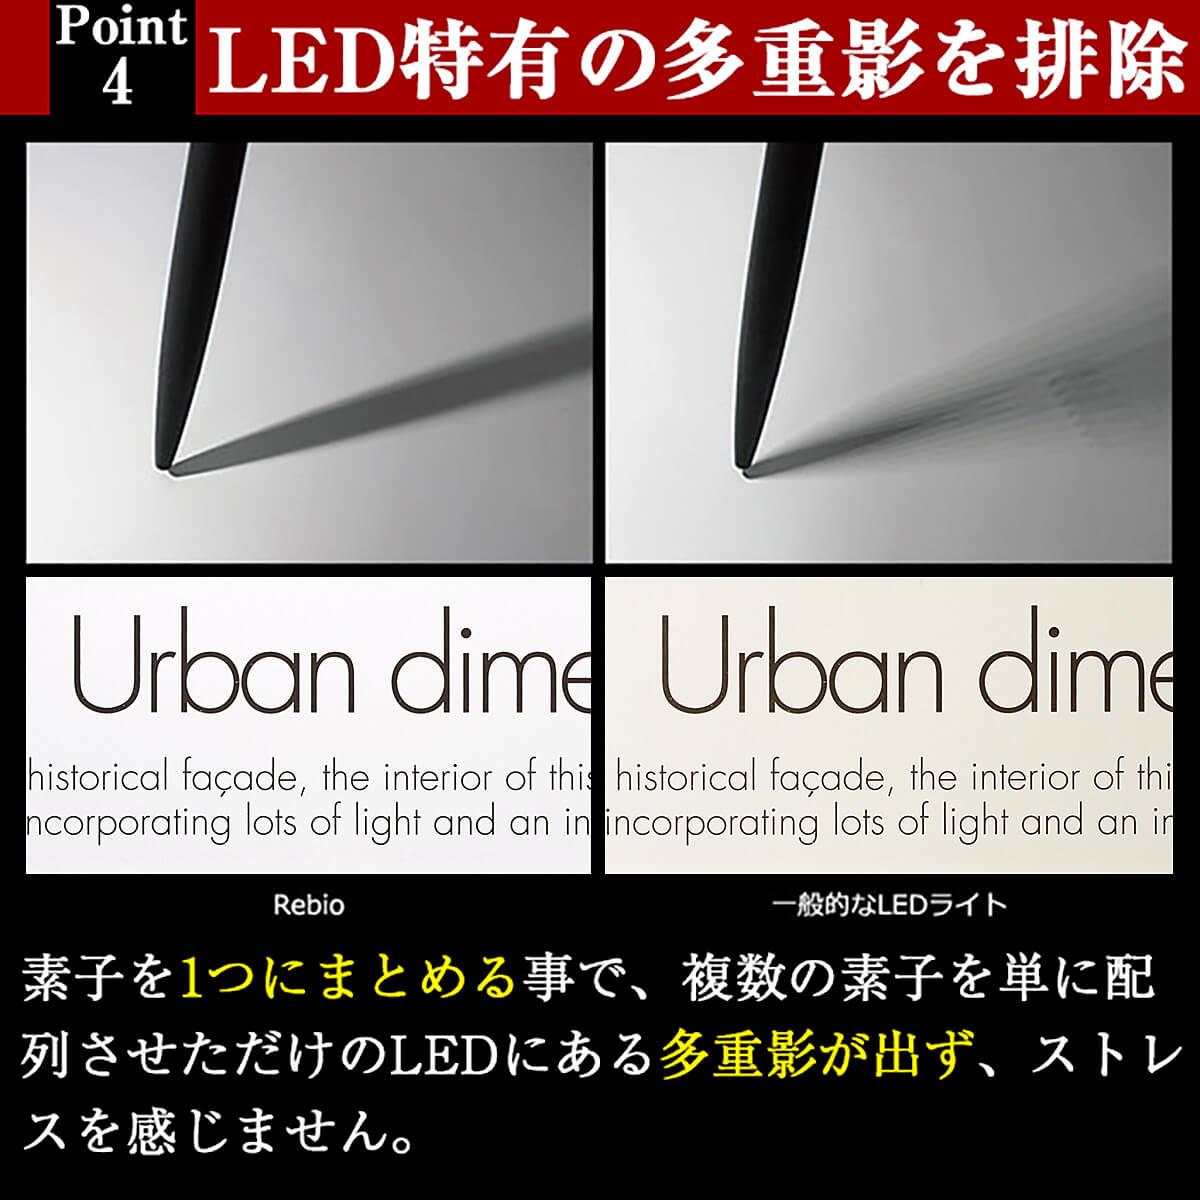 LEDデスクライト Rebio レビオ フロアベースセット スタンドライト LED LEDデスクスタンド 癒し